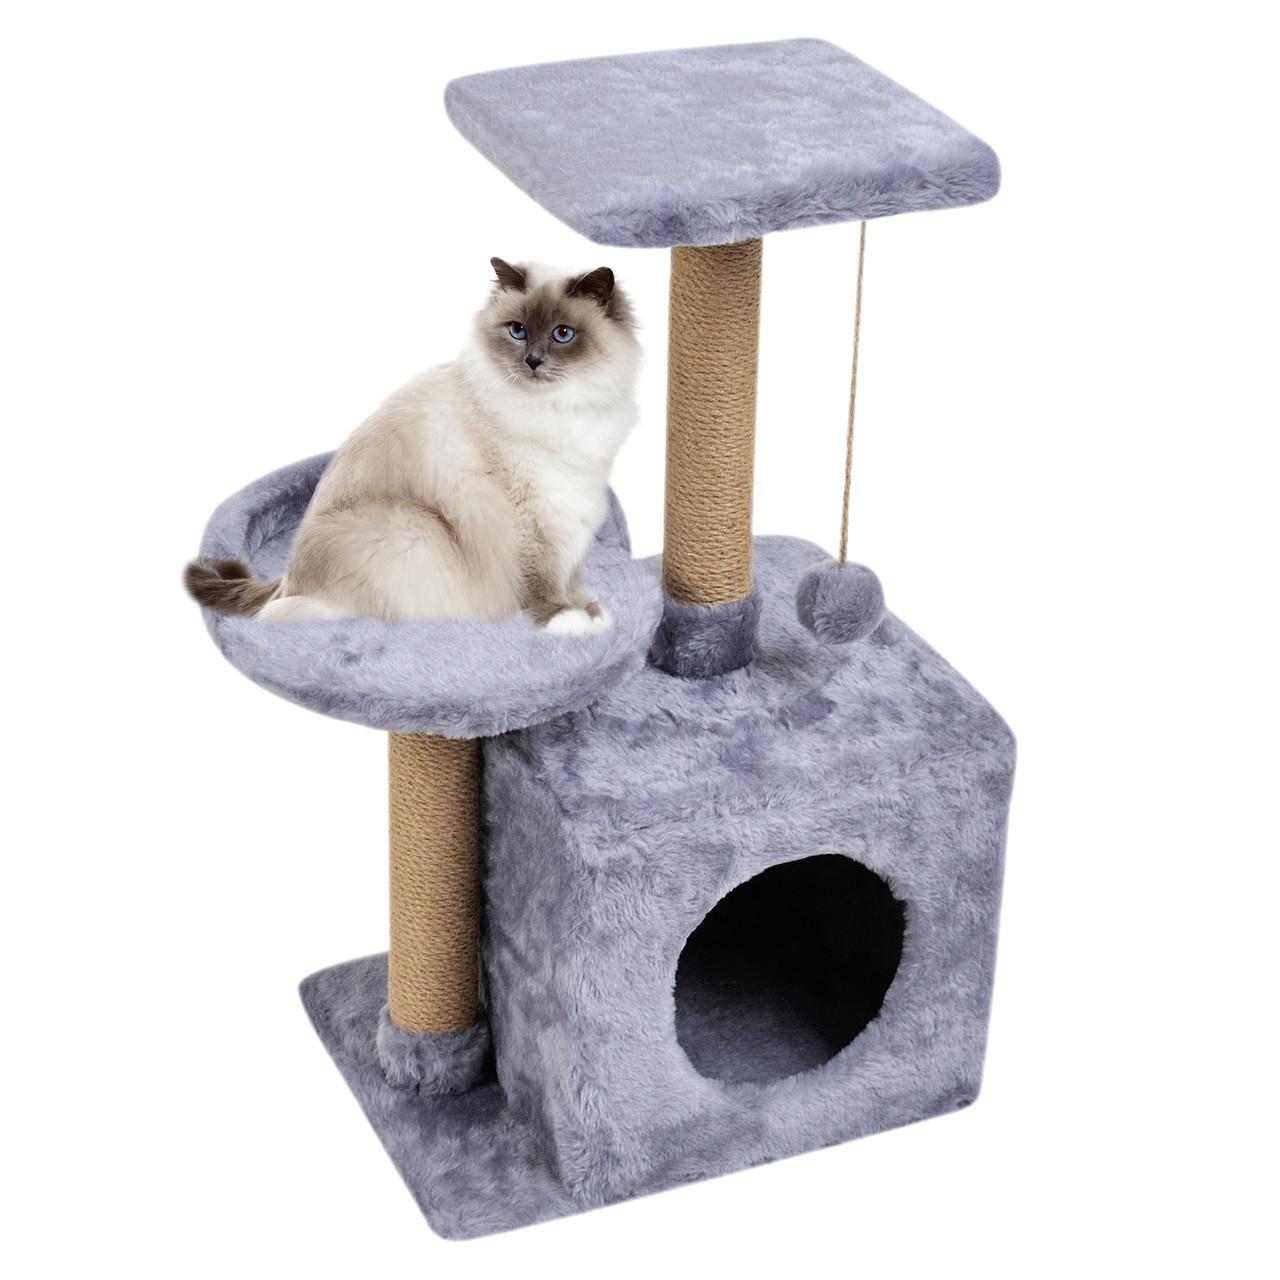 Домик-когтеточка с полкой Бусинка 43х33х75 см (дряпка) для кошки Серый